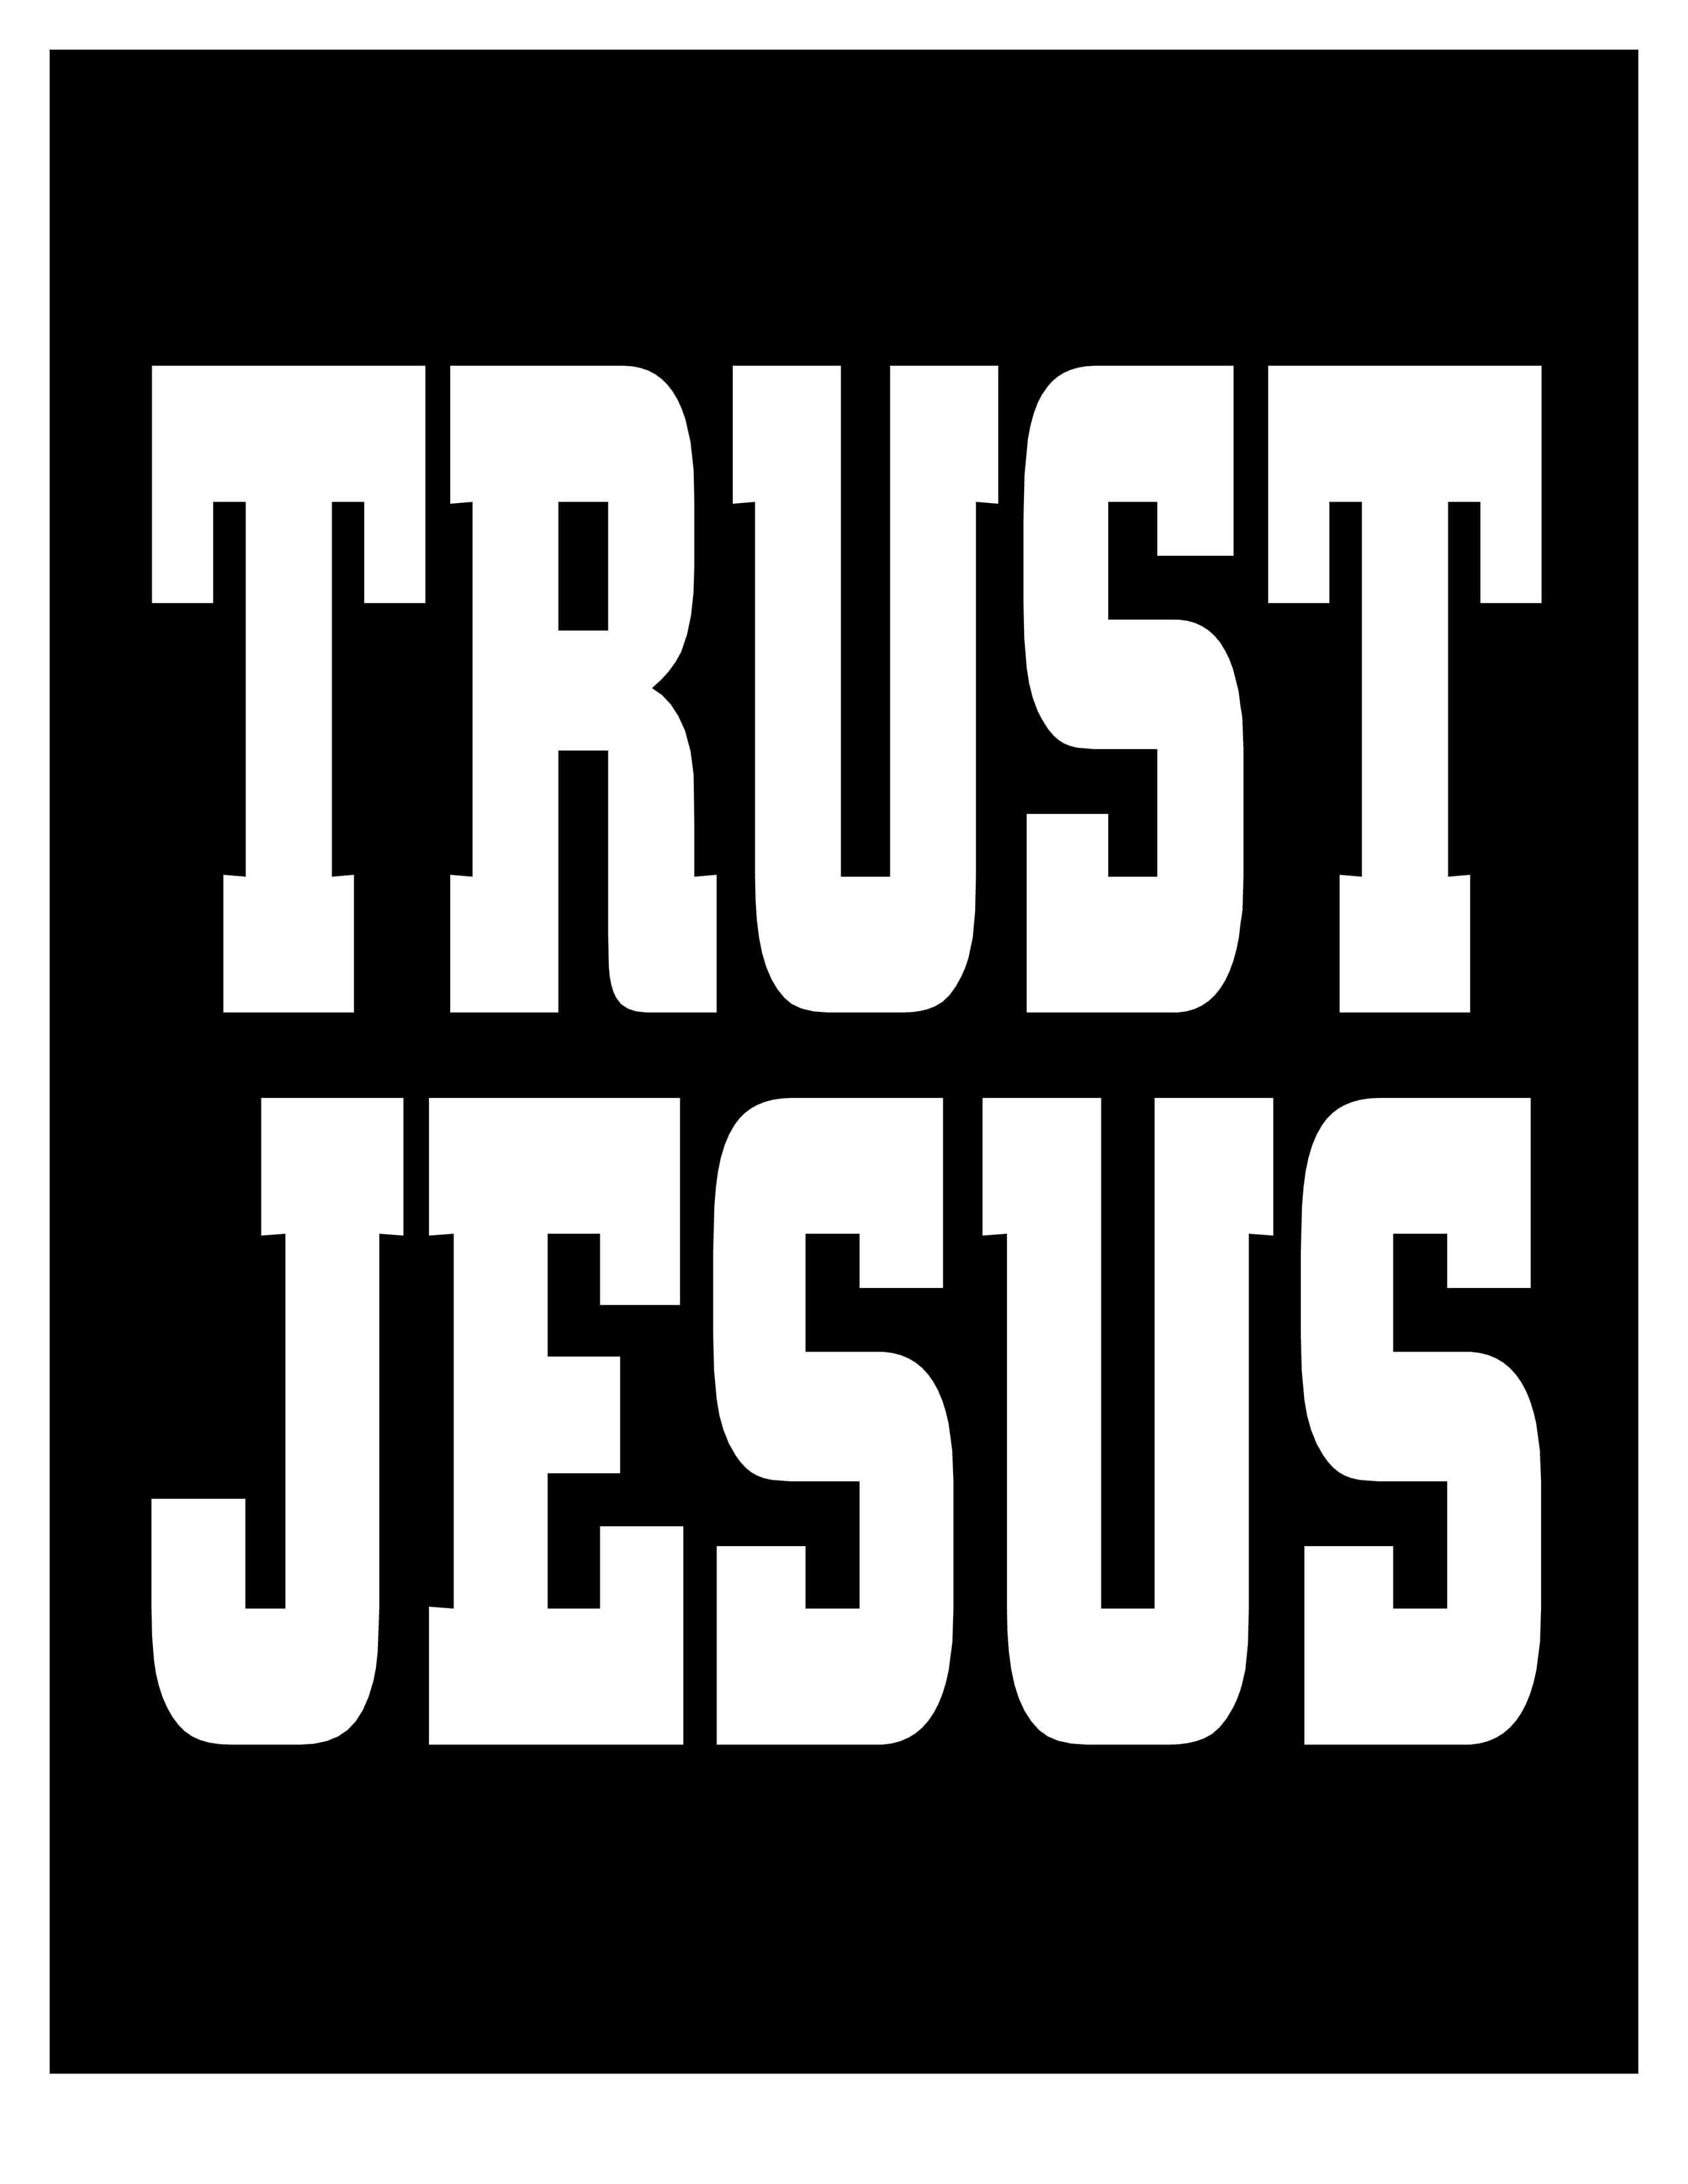 TRUST JESUS 03